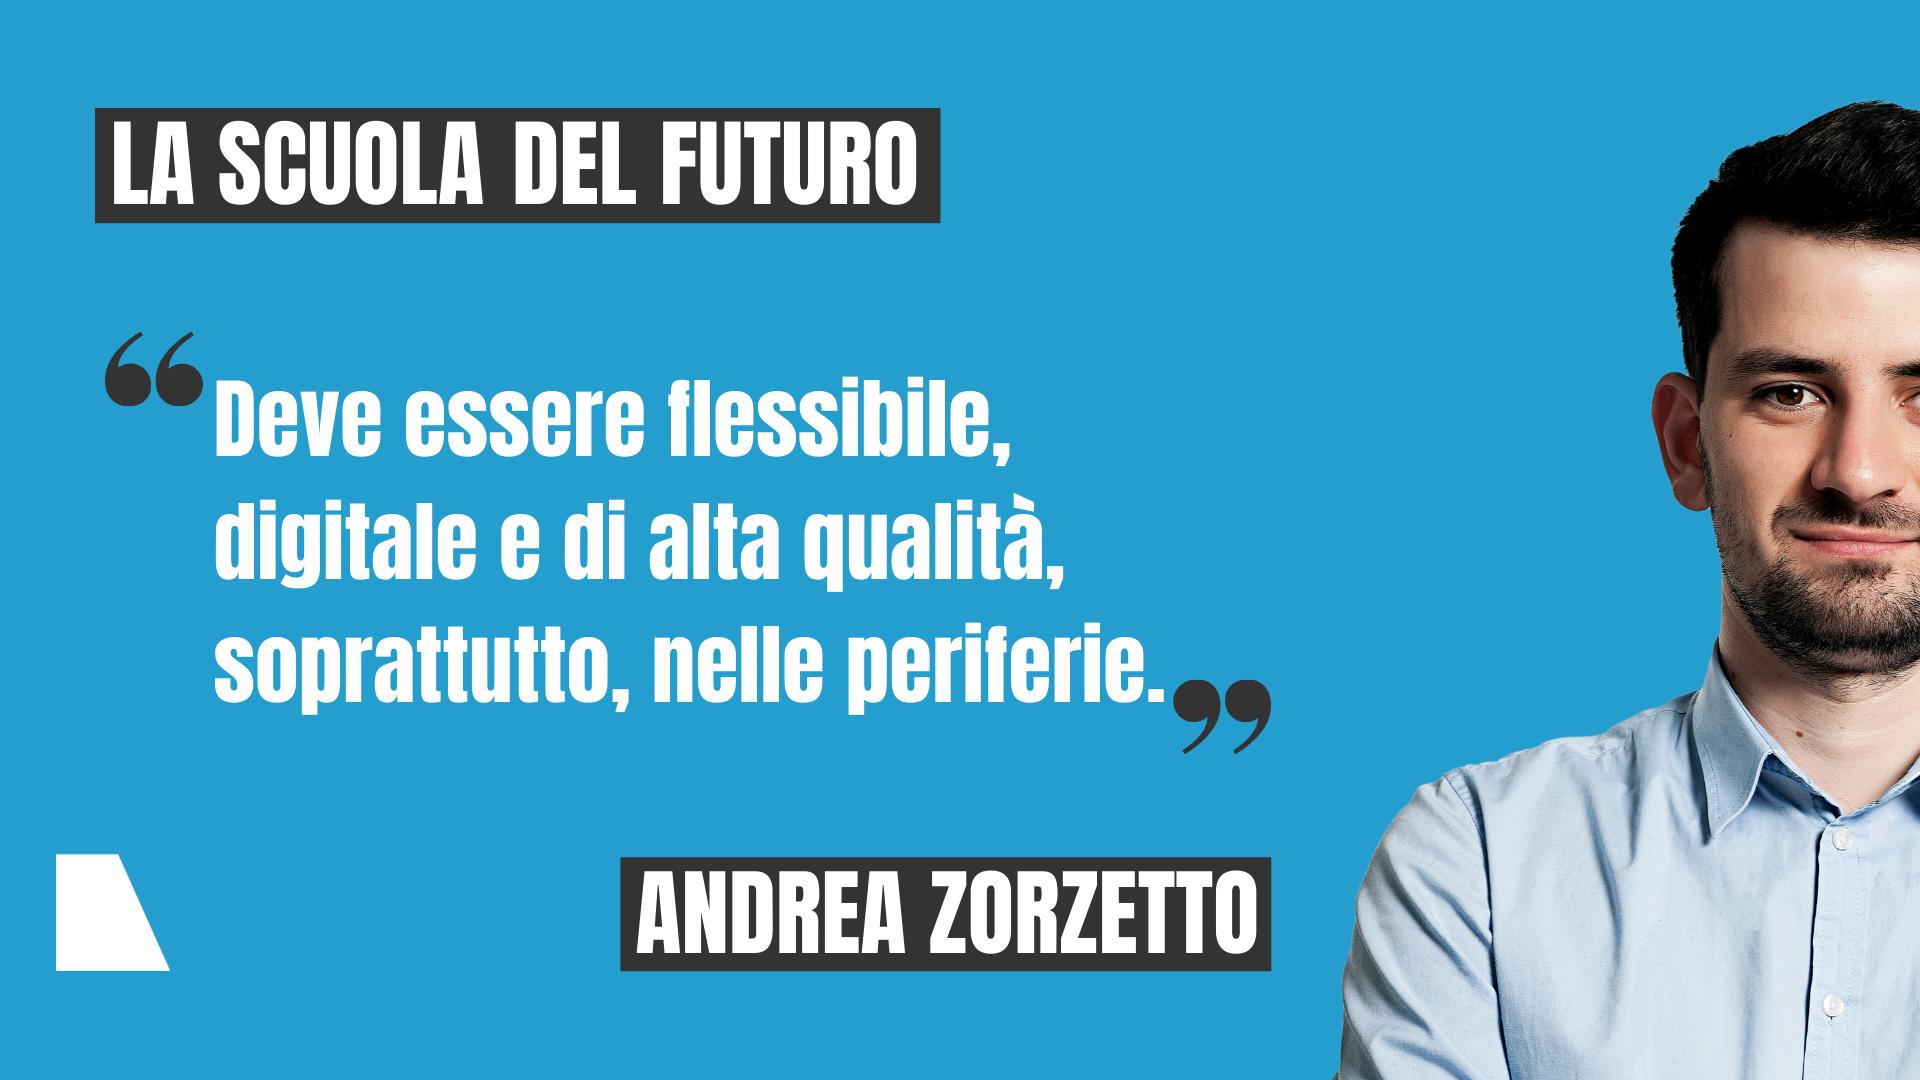 Andrea Zorzetto Poliferie